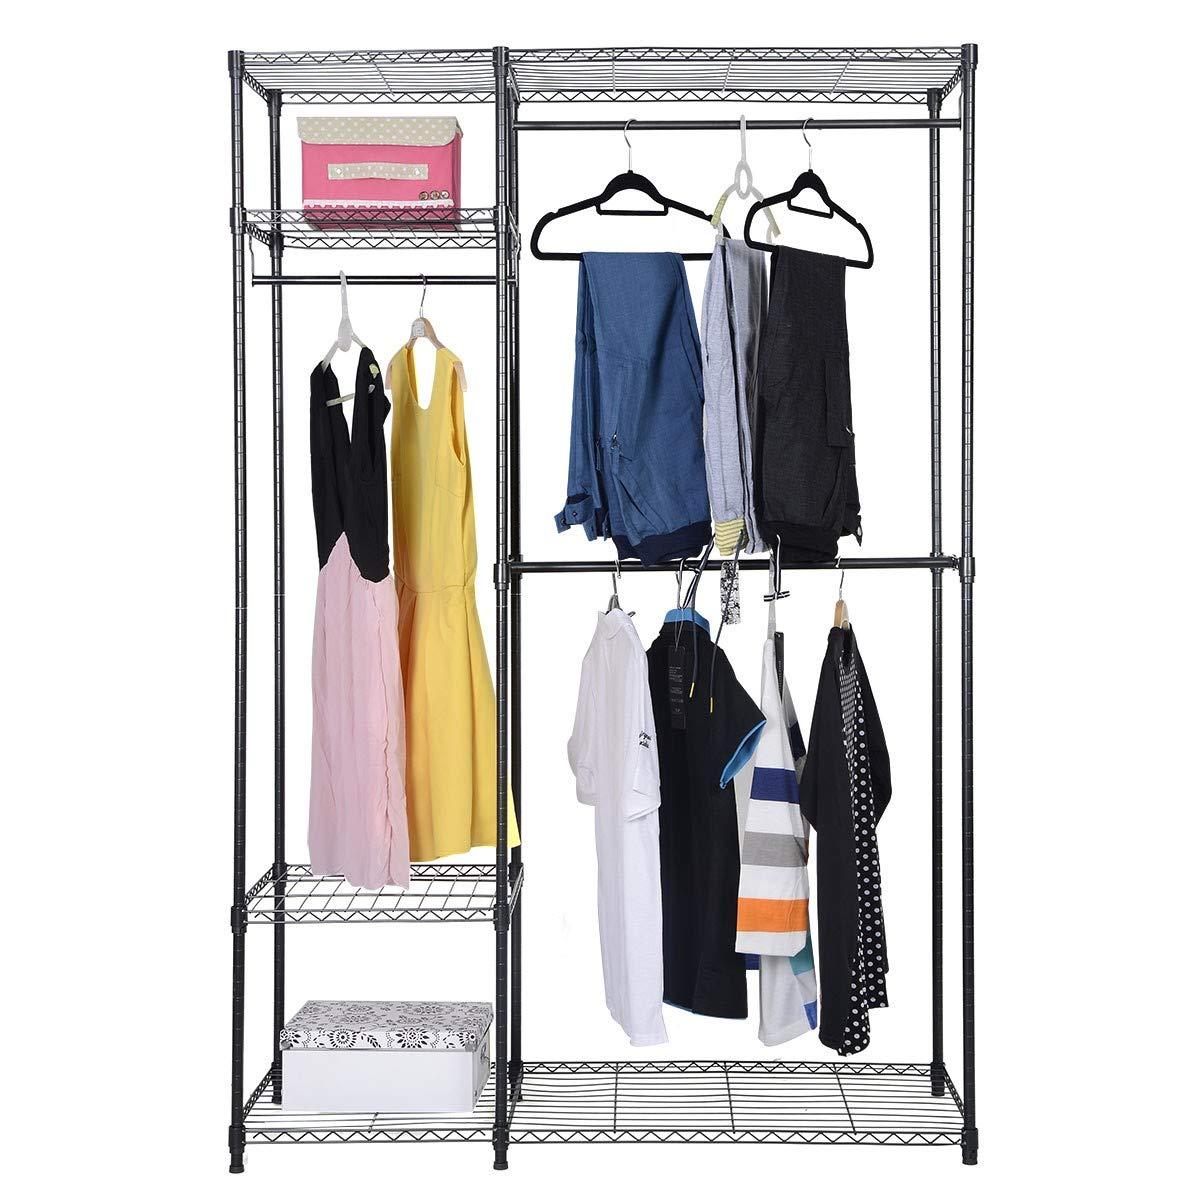 S AFSTAR Safstar Portable Clothes Wardrobe Garment Rack Home Closet Hanger Storage Organizer